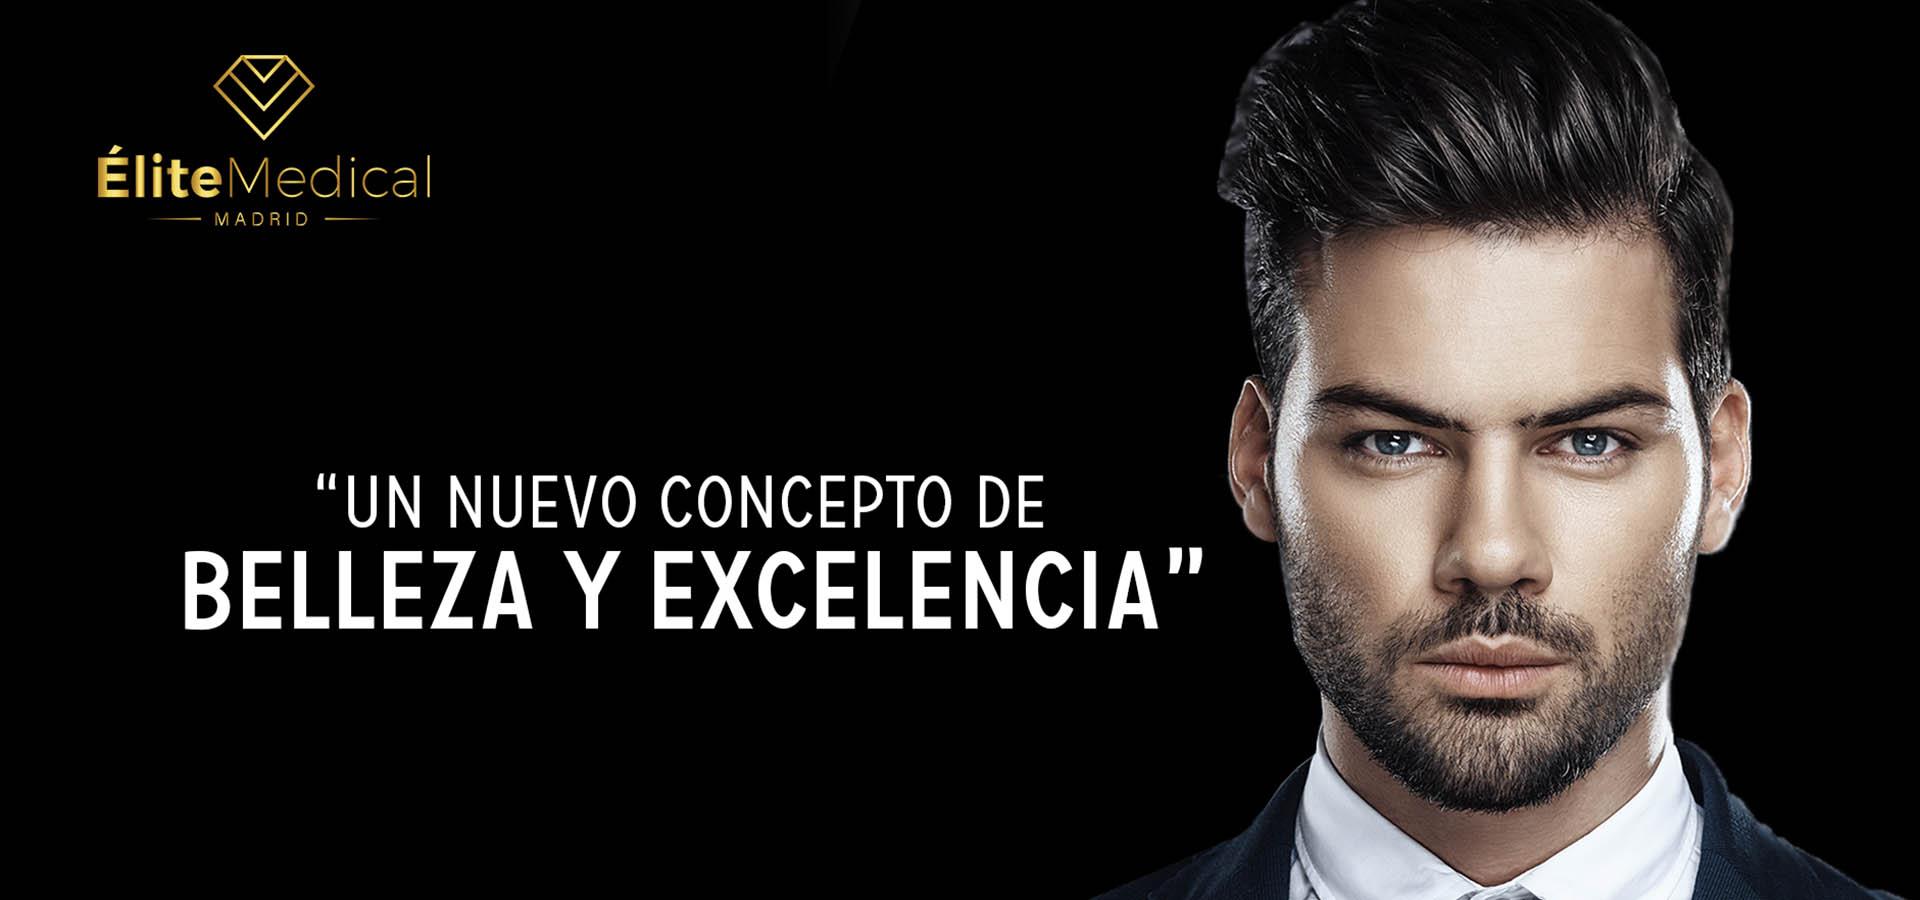 Élite Medical Madrid Belleza y Excelencia